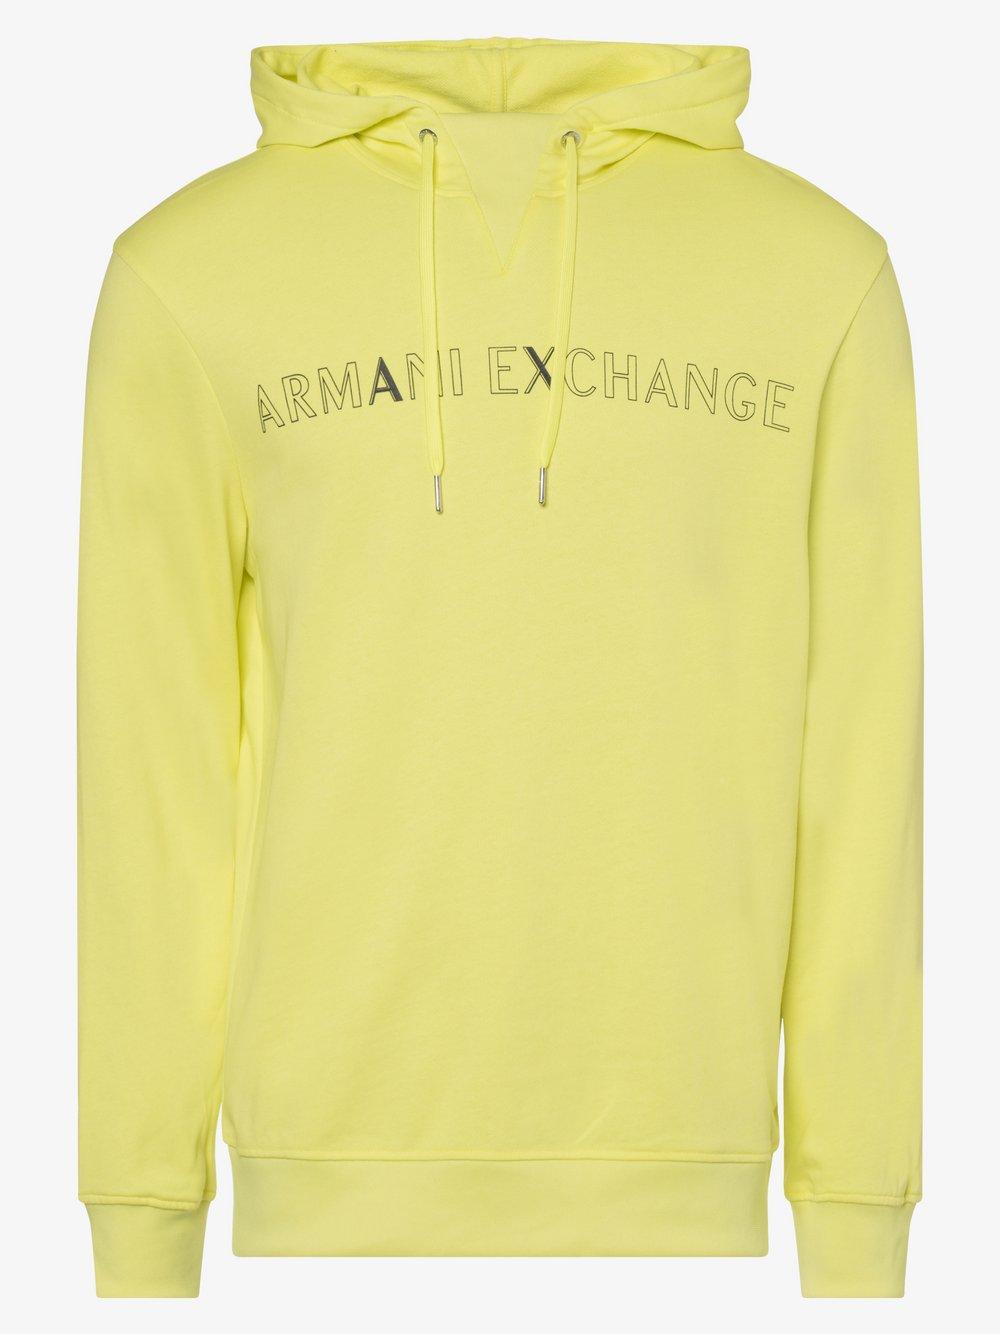 Armani Exchange - Męska bluza nierozpinana, żółty